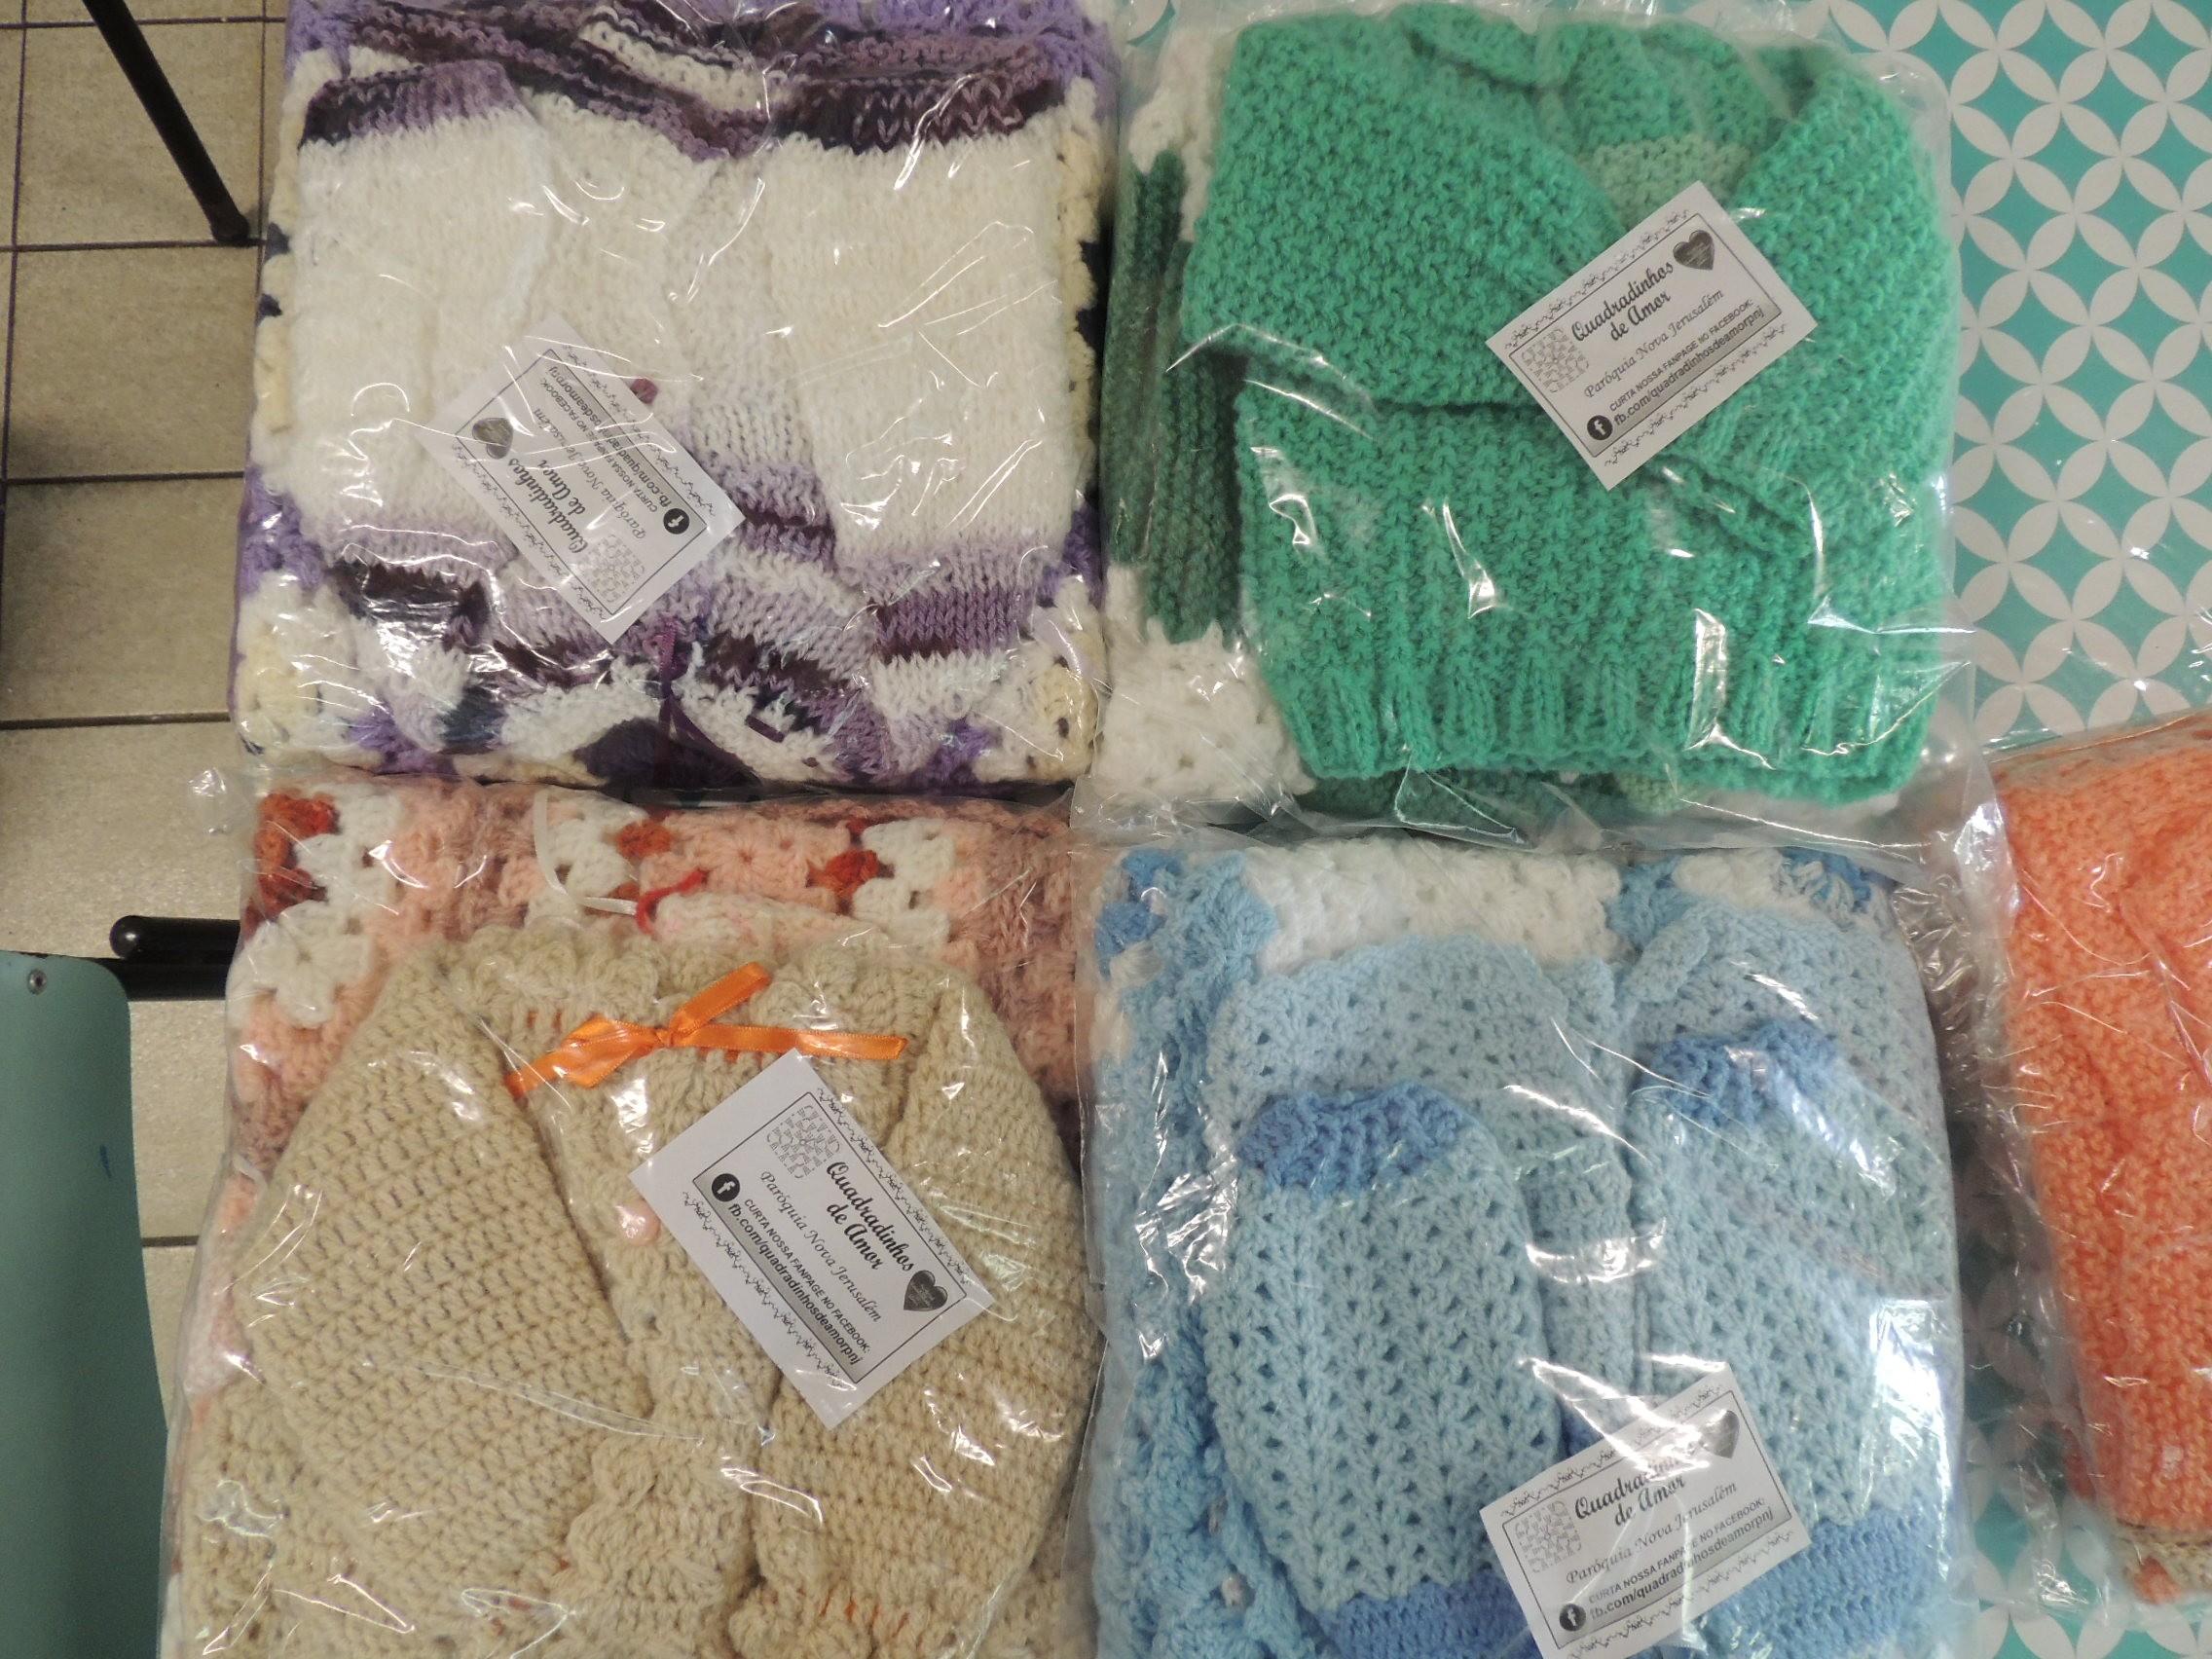 Grupo voluntário pede doação de lã para produzir enxovais para recém-nascidos em hospital de Jundiaí